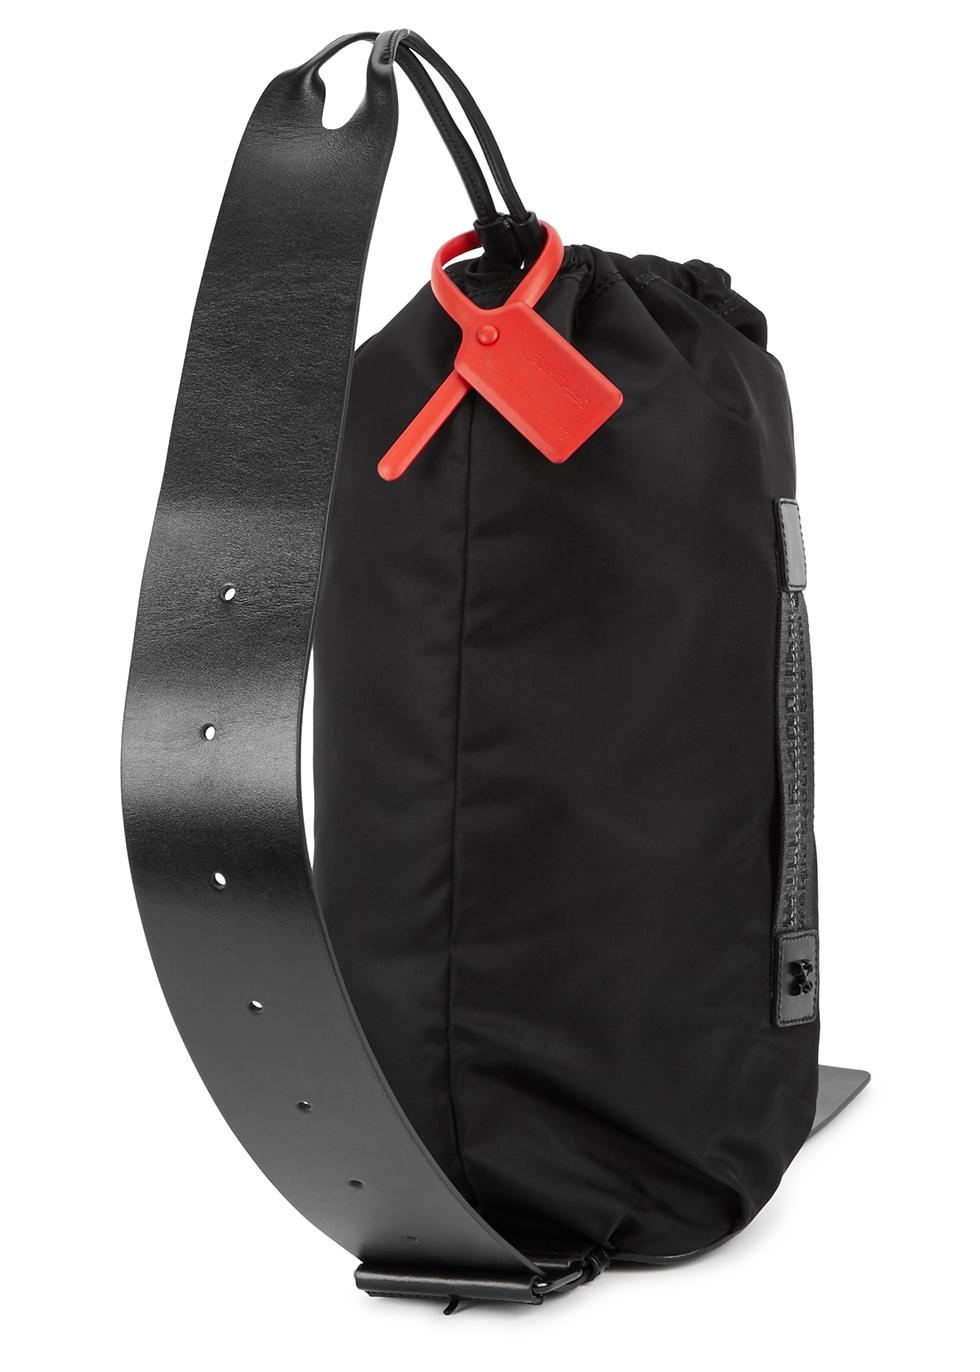 Black nylon backpack - Off-White